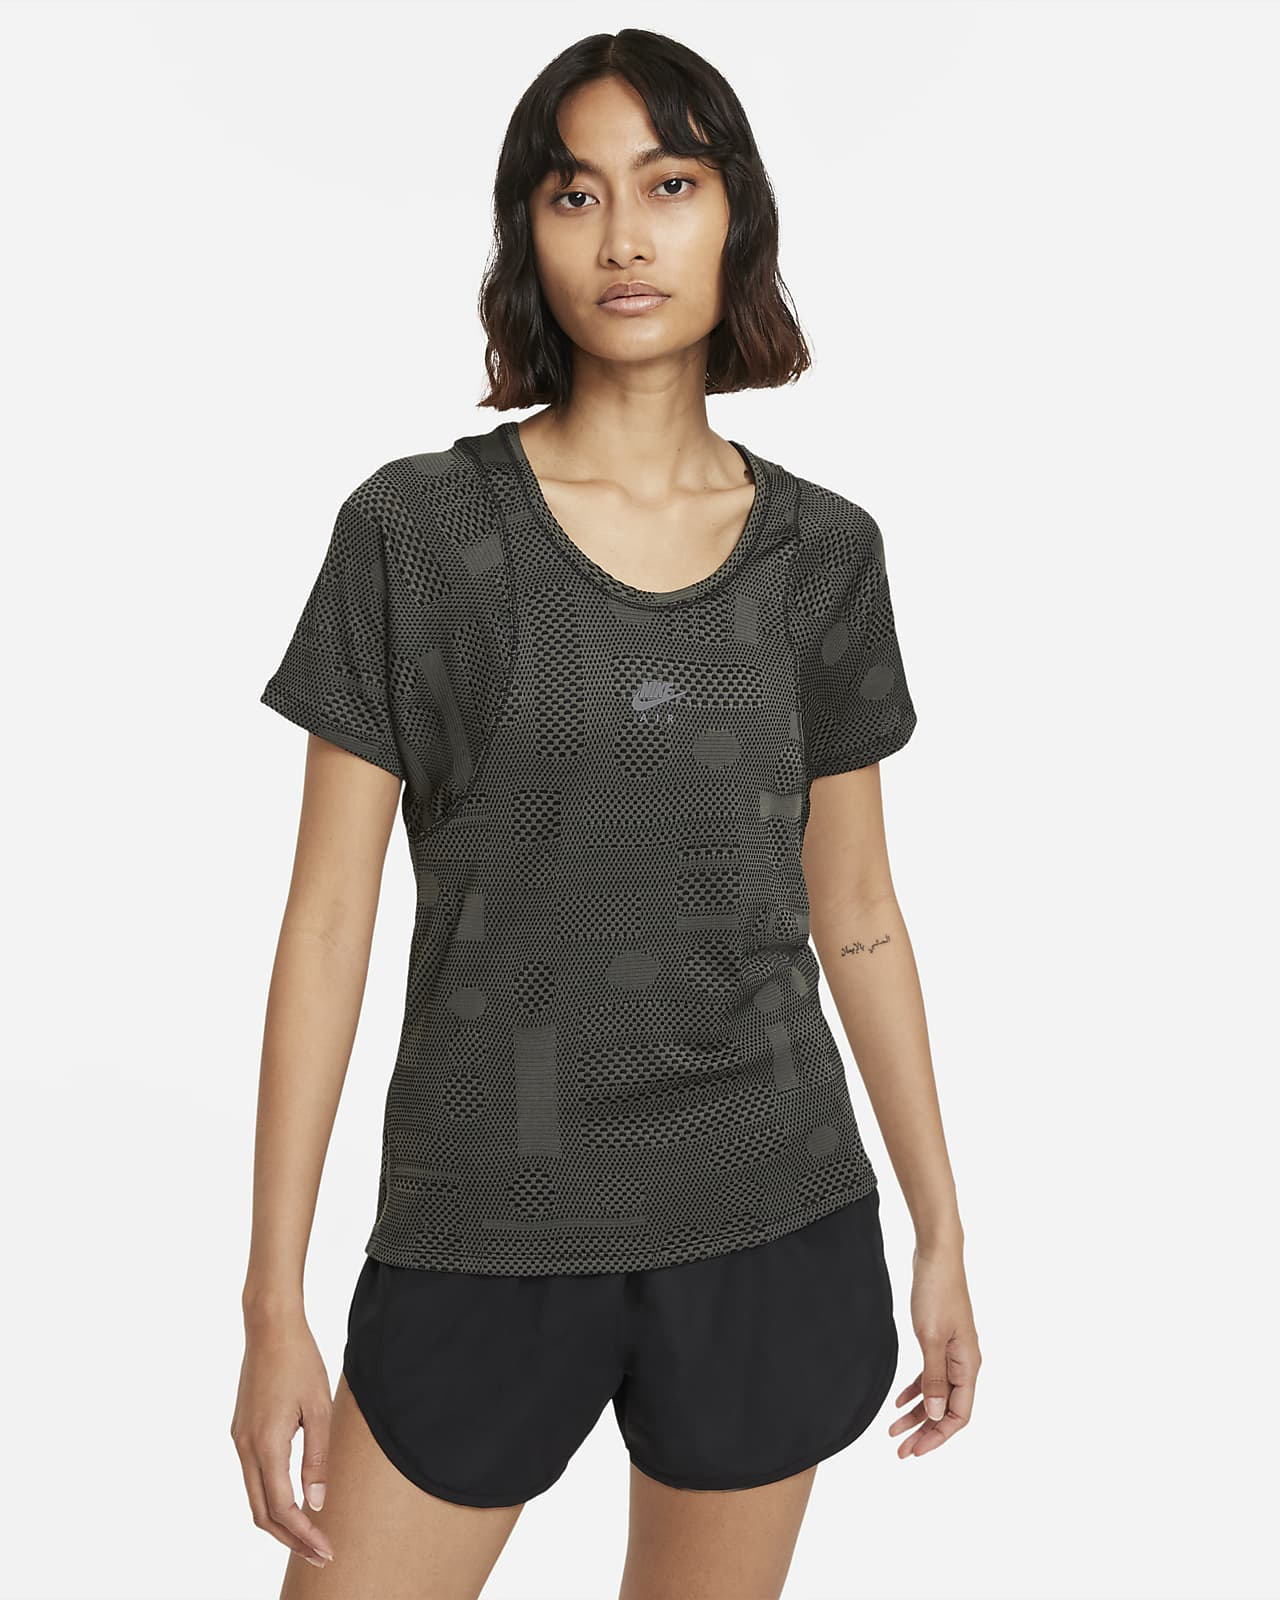 Camisola de running de manga curta Nike Air Dri-FIT para mulher